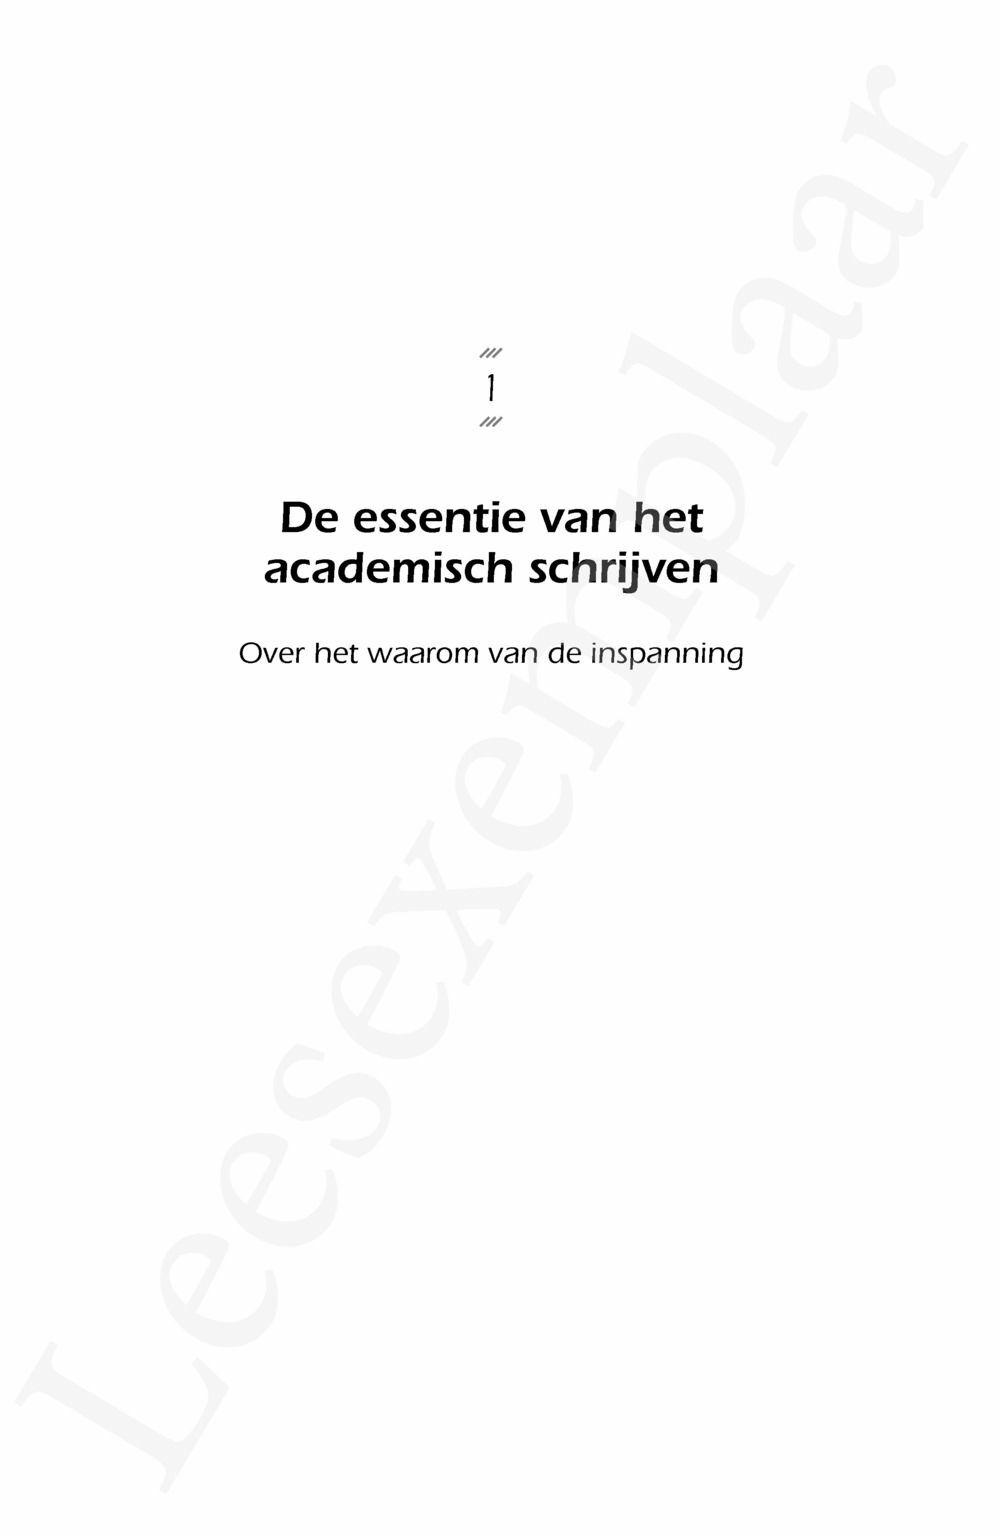 Preview: Academisch schrijven tijdens de hogere opleiding